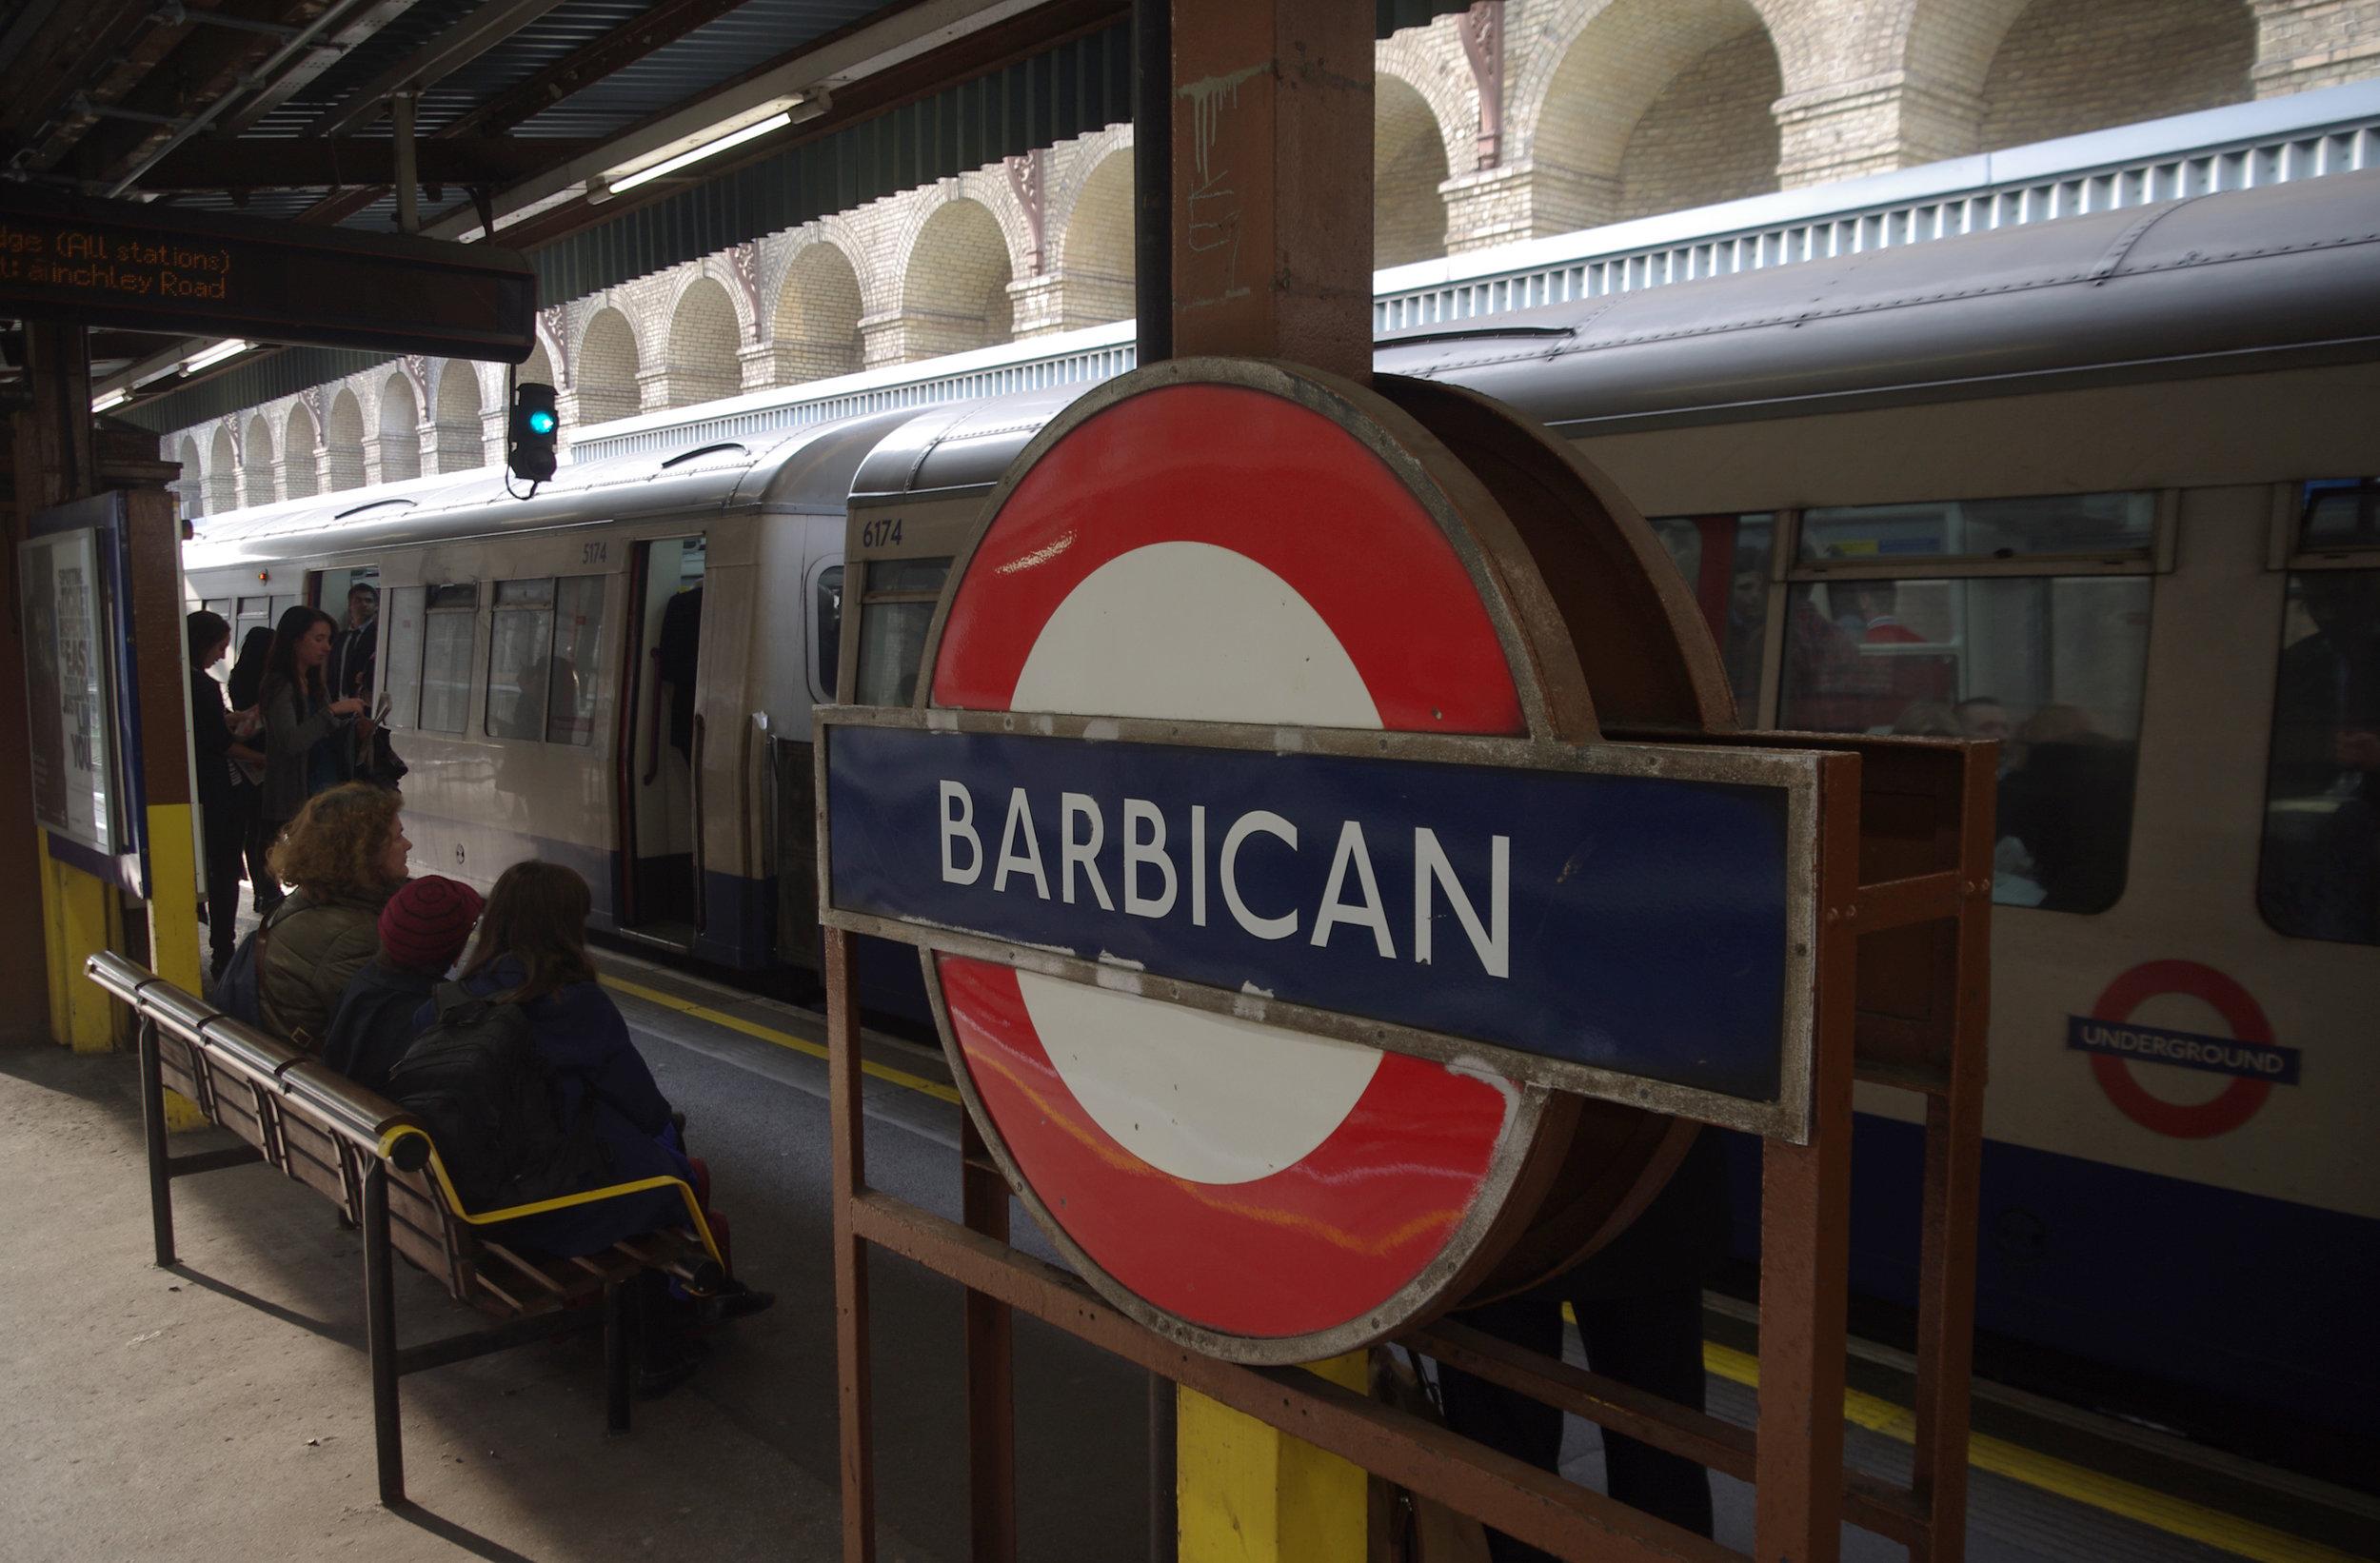 Barbican Underground Station, London